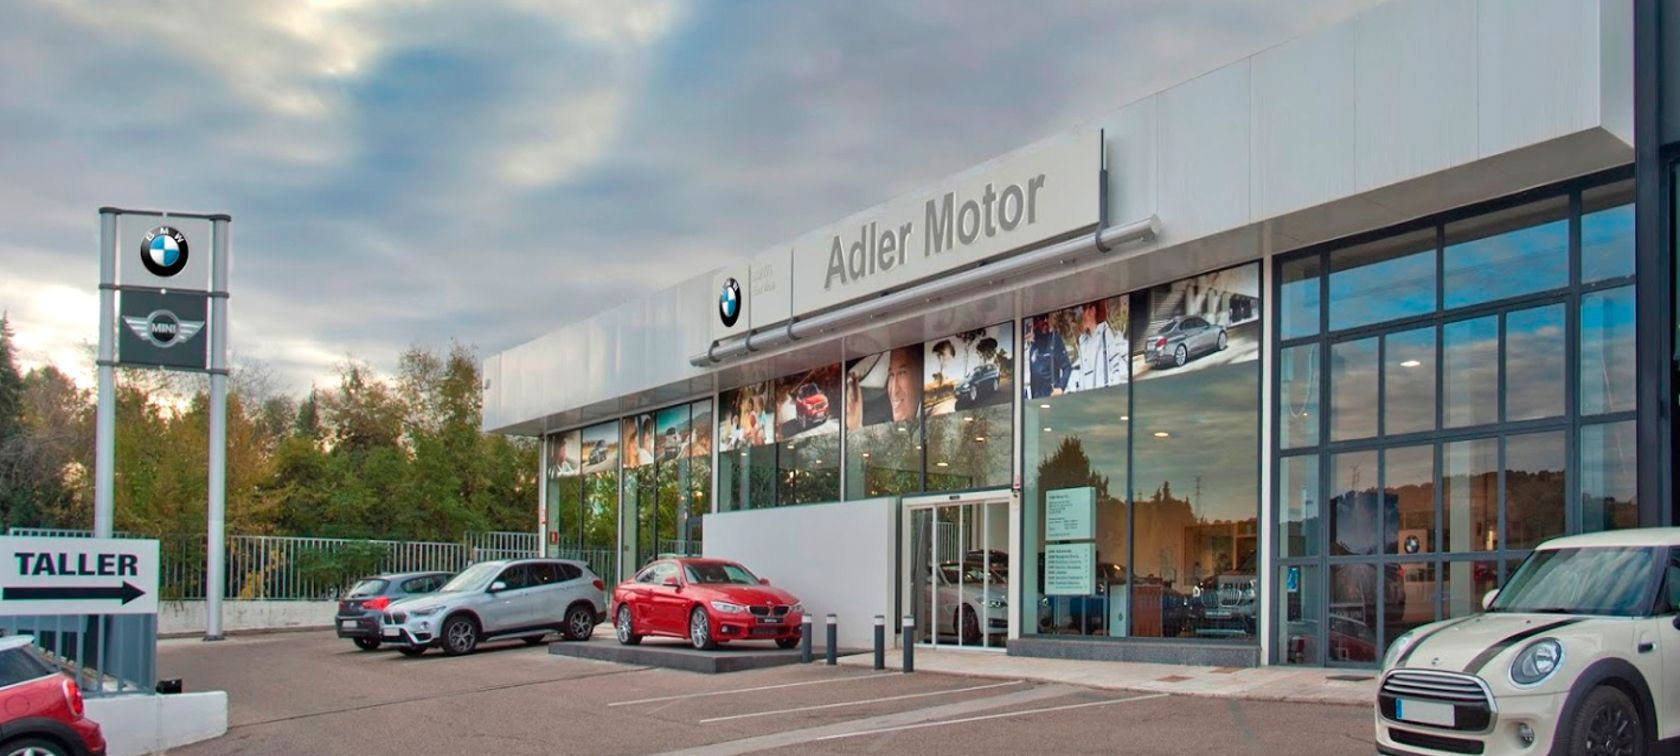 Adler Motor - Olías del Rey